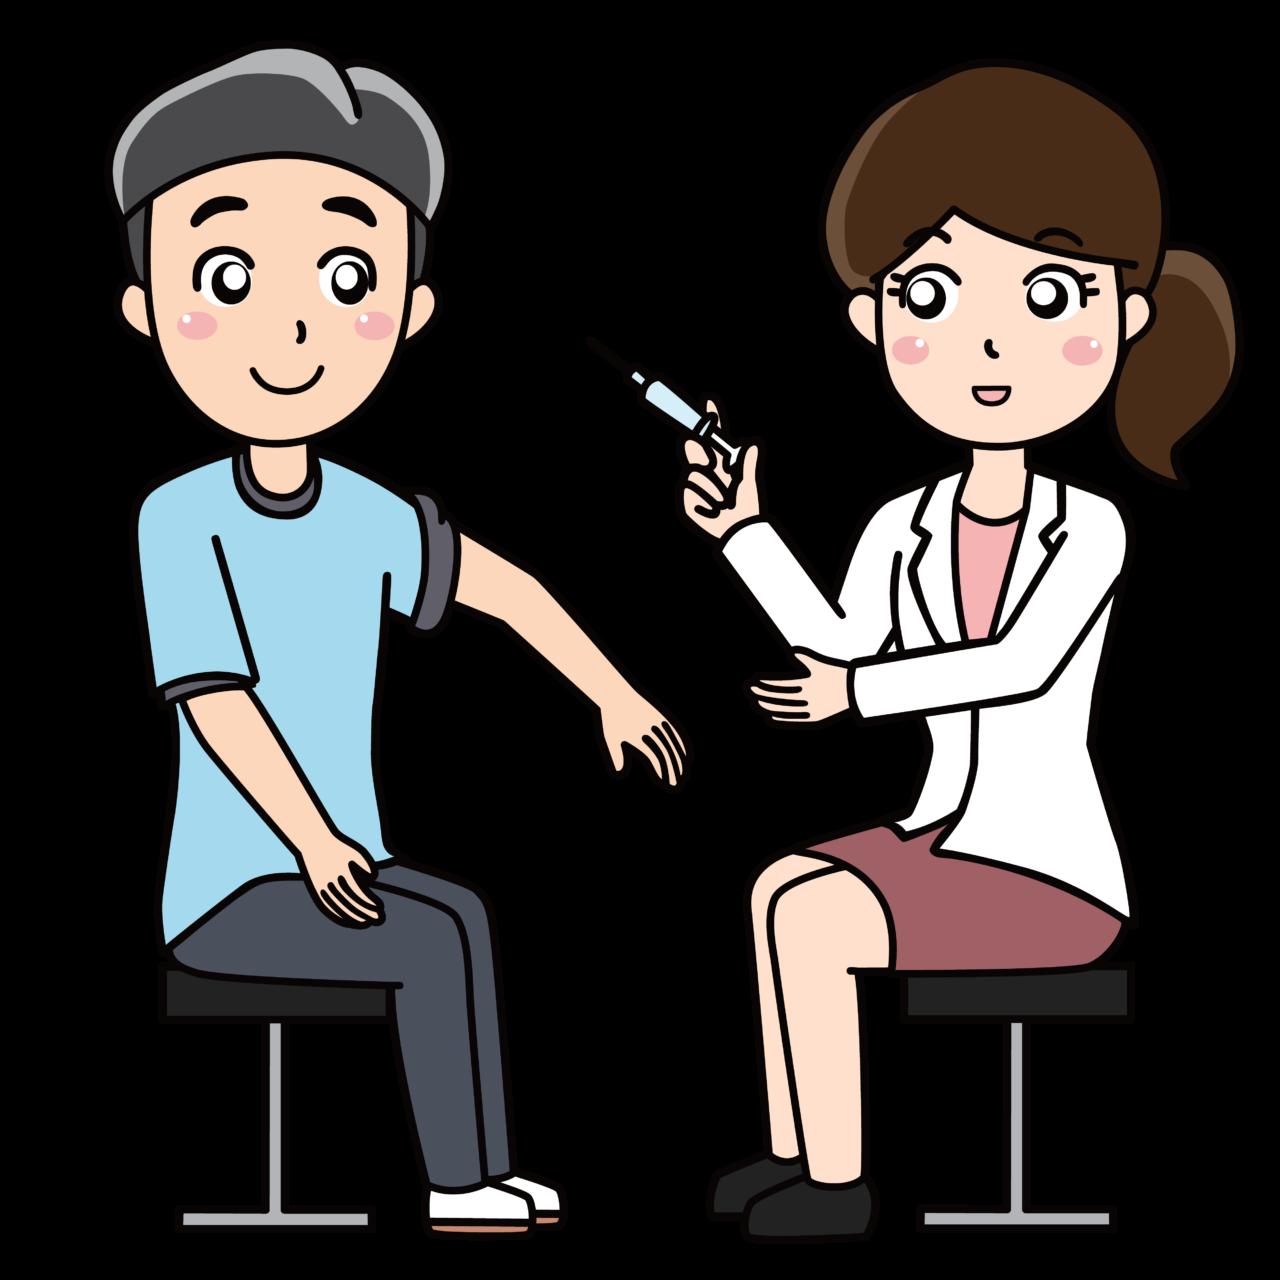 大人のための風しんワクチンの画像